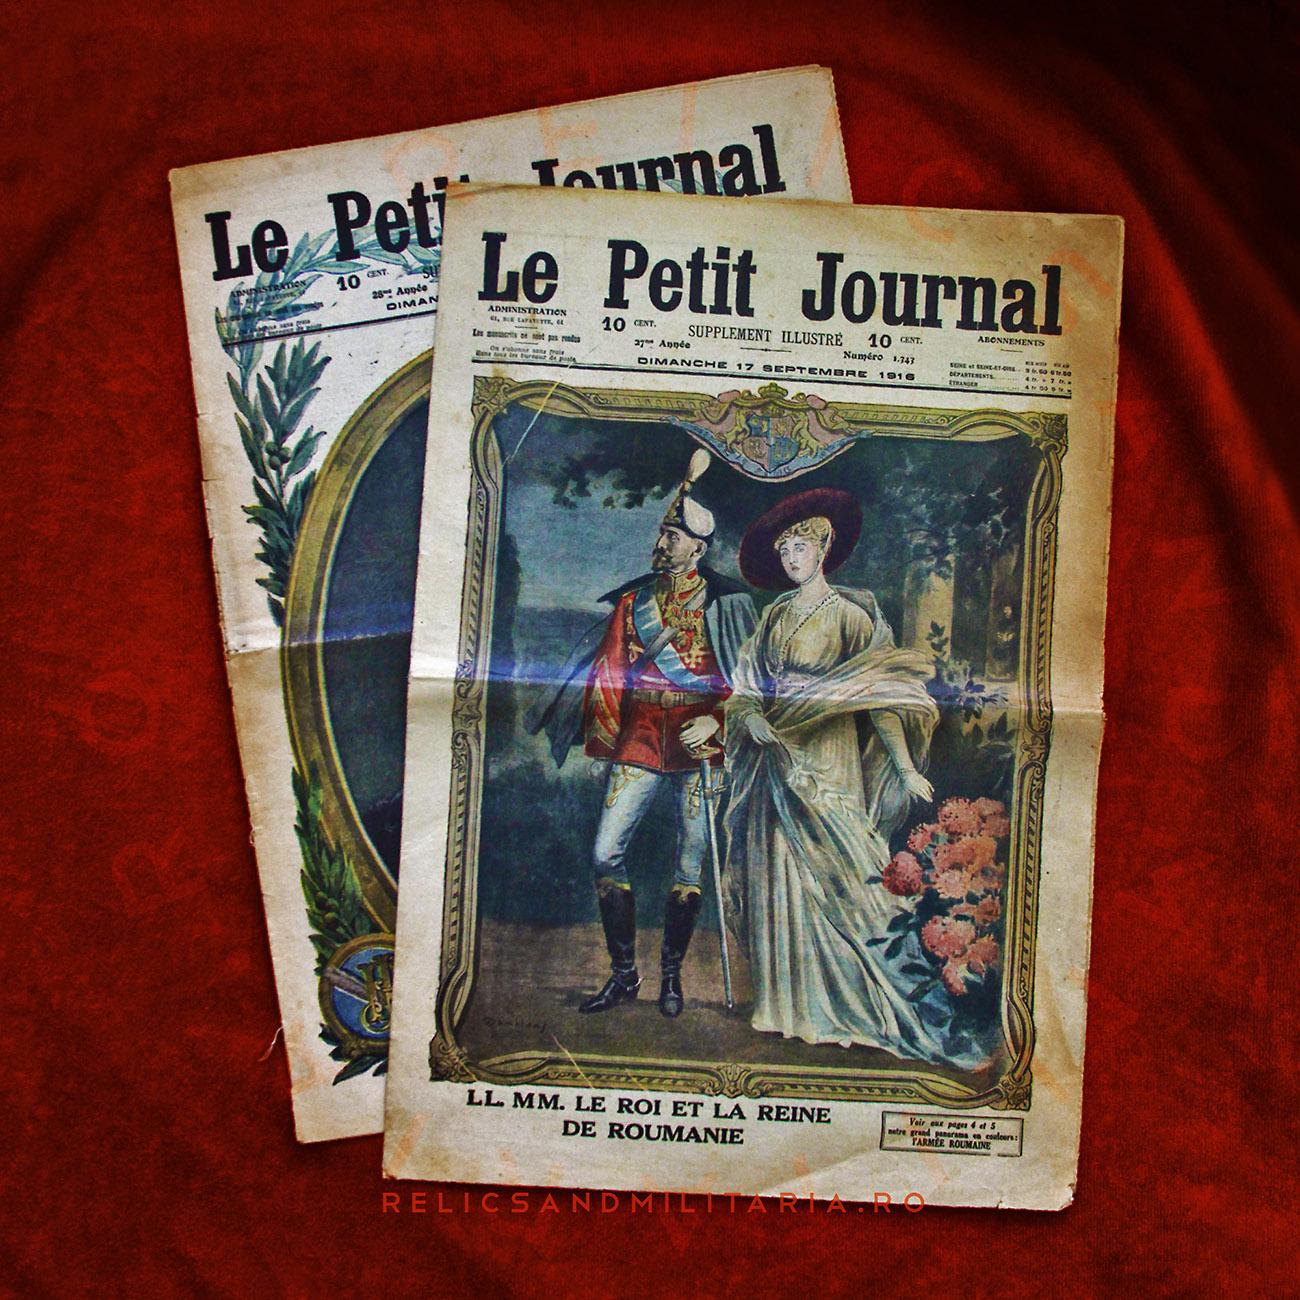 Le petit joural - 17 Septembre 1916 - le Roi et la reine de Roumanie